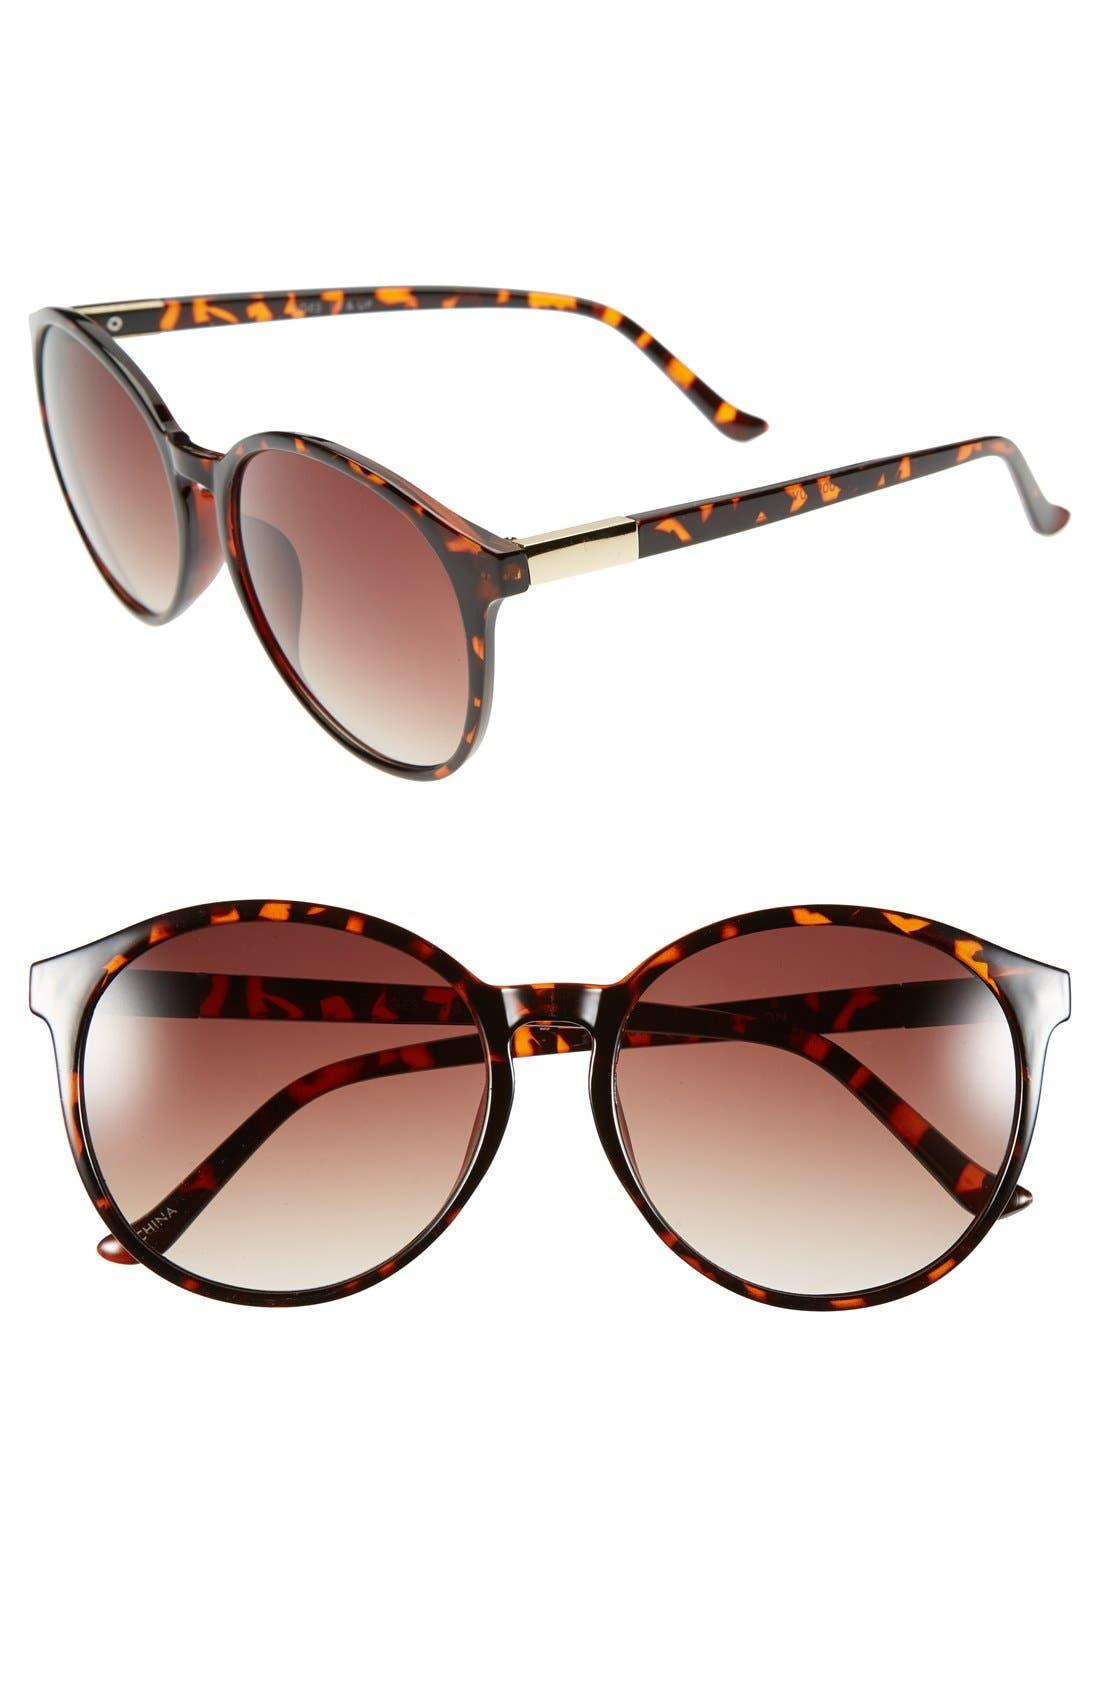 Alternate Image 1 Selected - Fantas Eyes 57mm Tortoise Shell Sunglasses (Juniors)